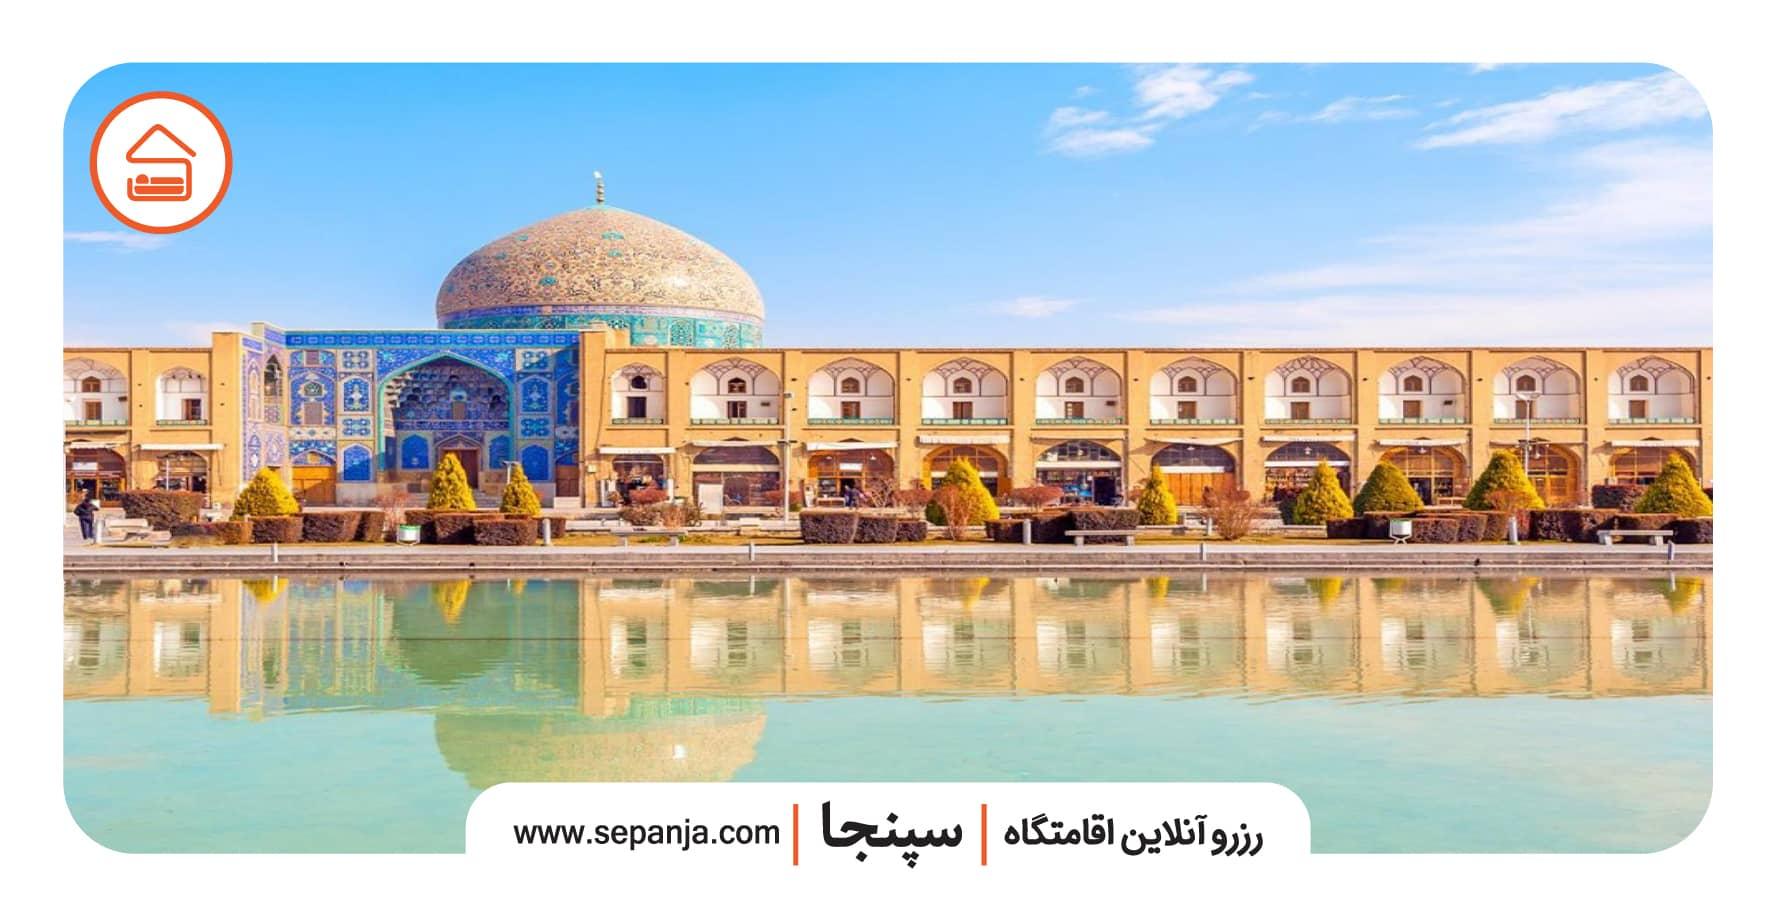 حقایقی در راهنمای سفر به اصفهان